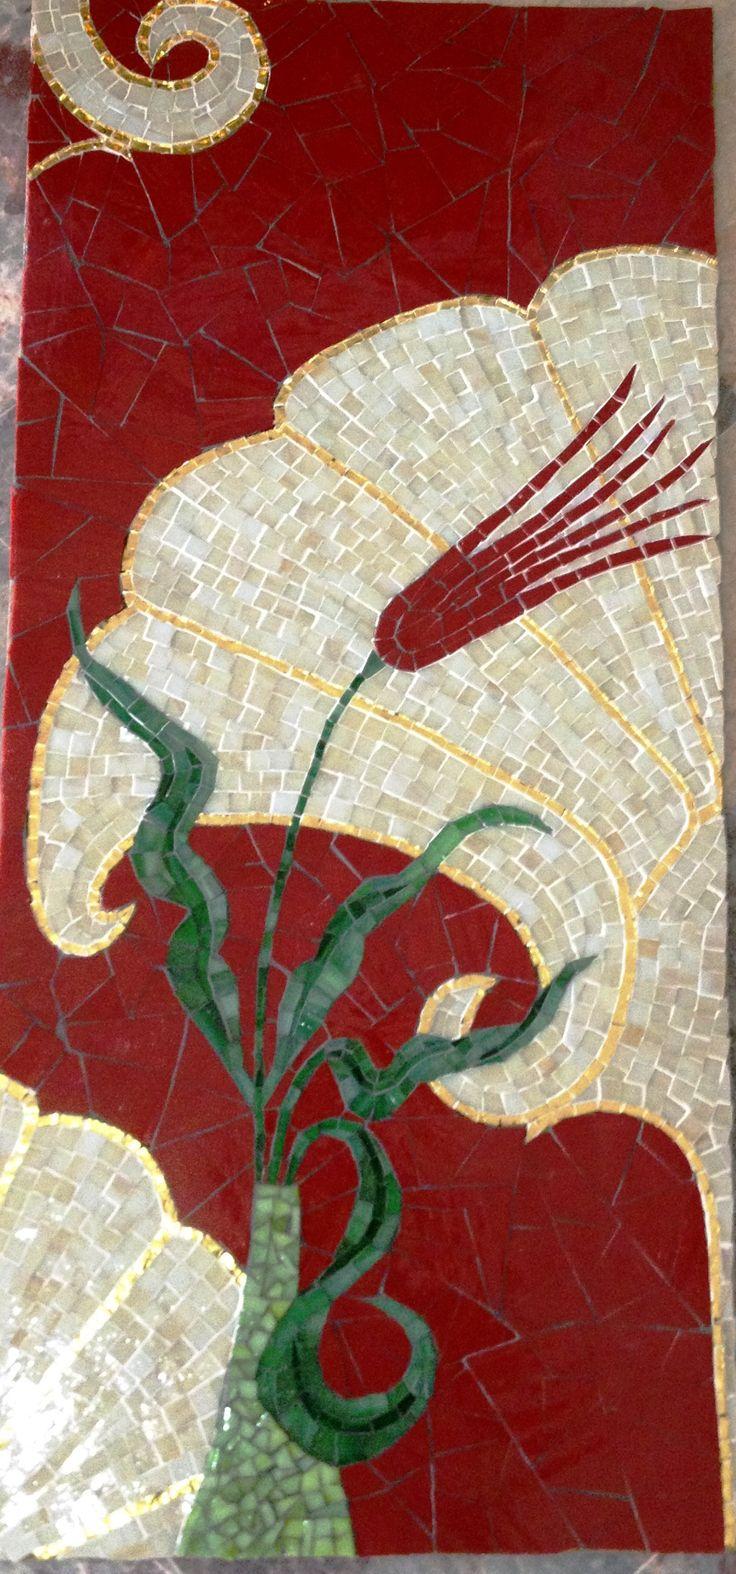 Sevgili Pelin Arslanalp'tan Mozaik Lale çalışması. Ellerine sağlık.